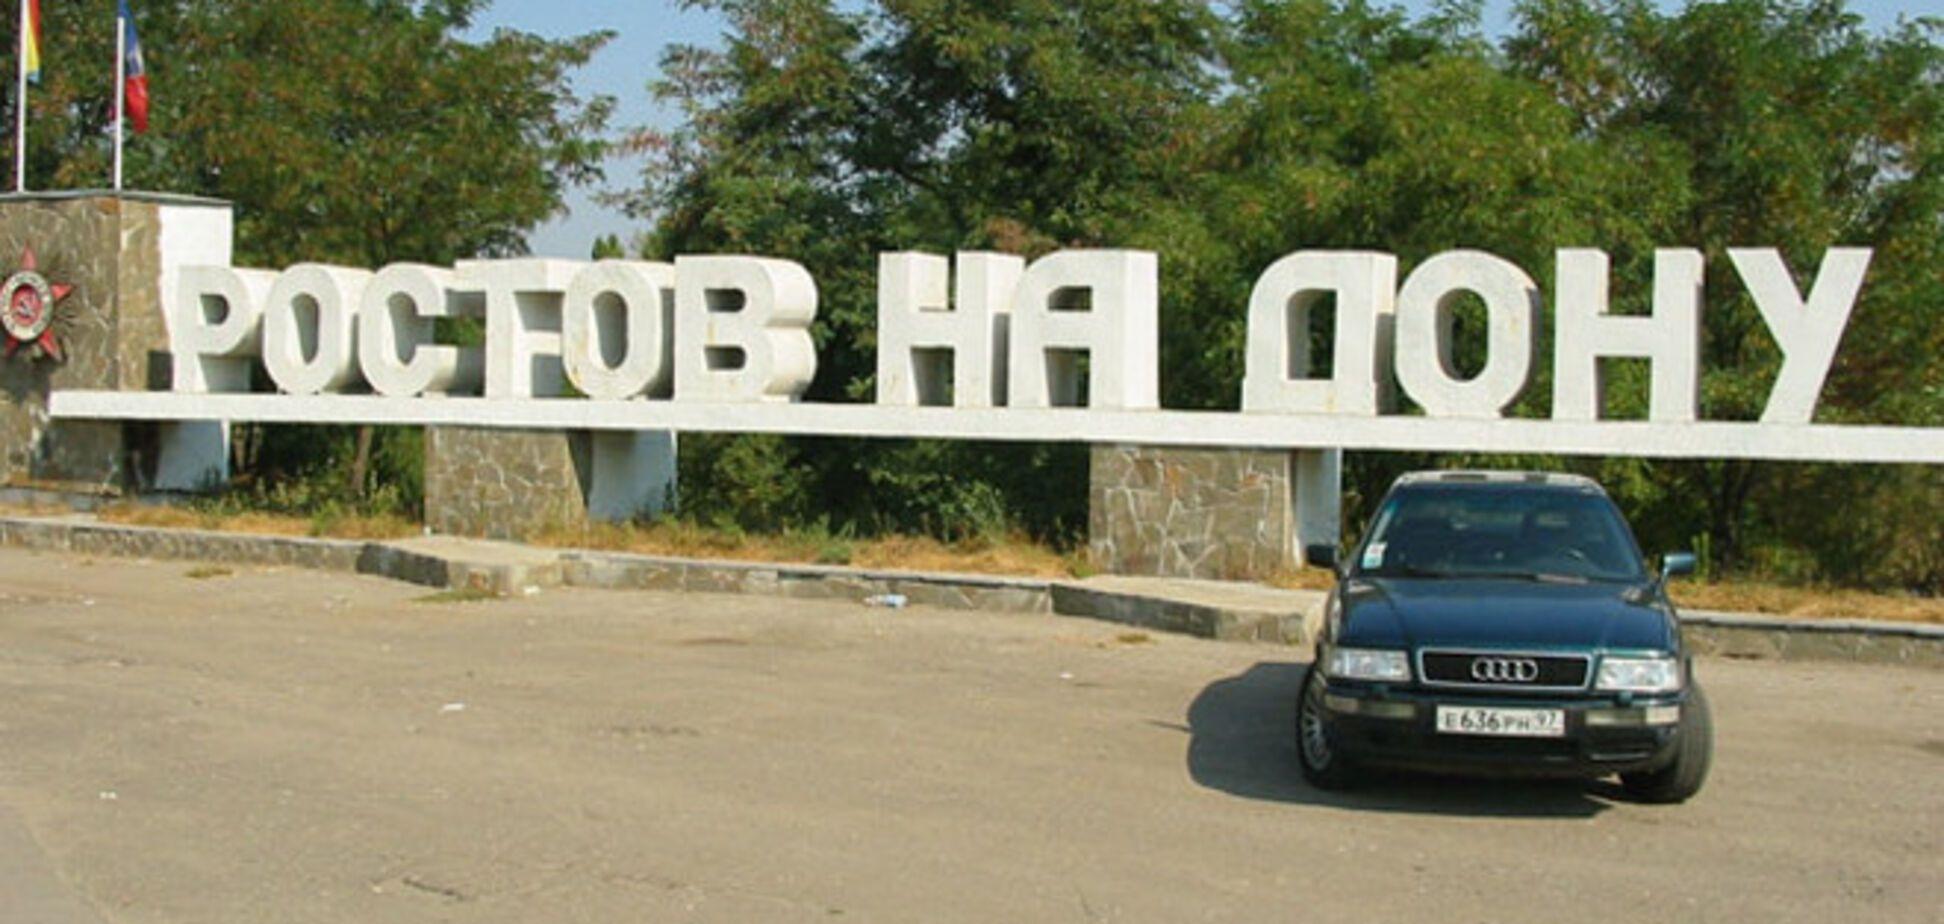 Ростовская область вводит ЧС из-за привидевшихся украинских беженцев